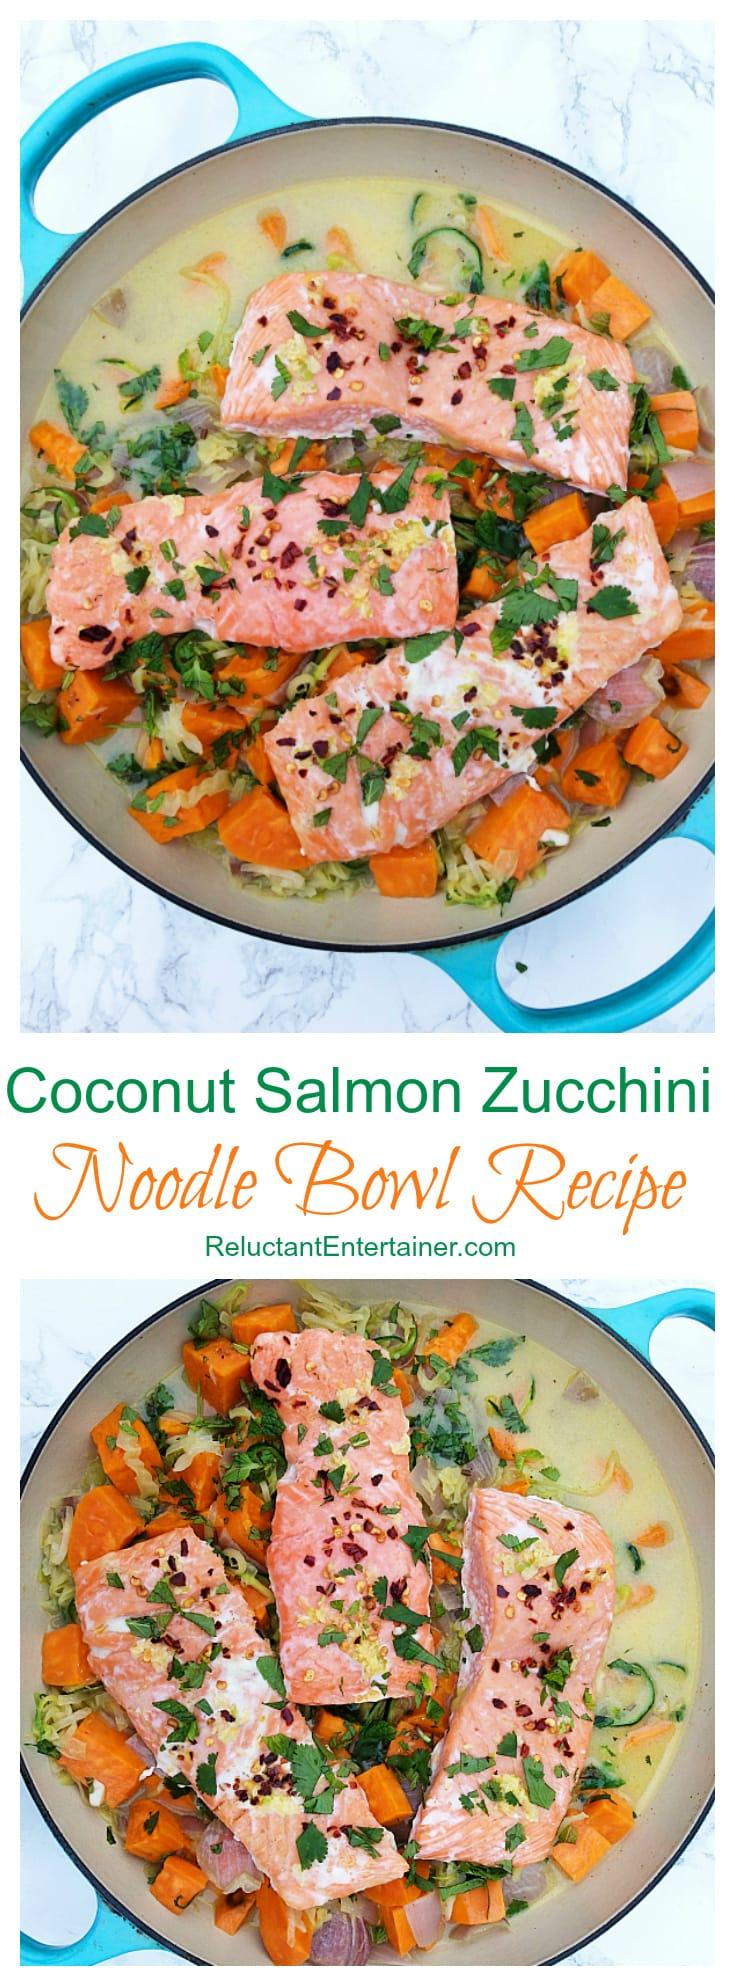 Coconut Salmon Zucchini Noodle Bowl Recipe